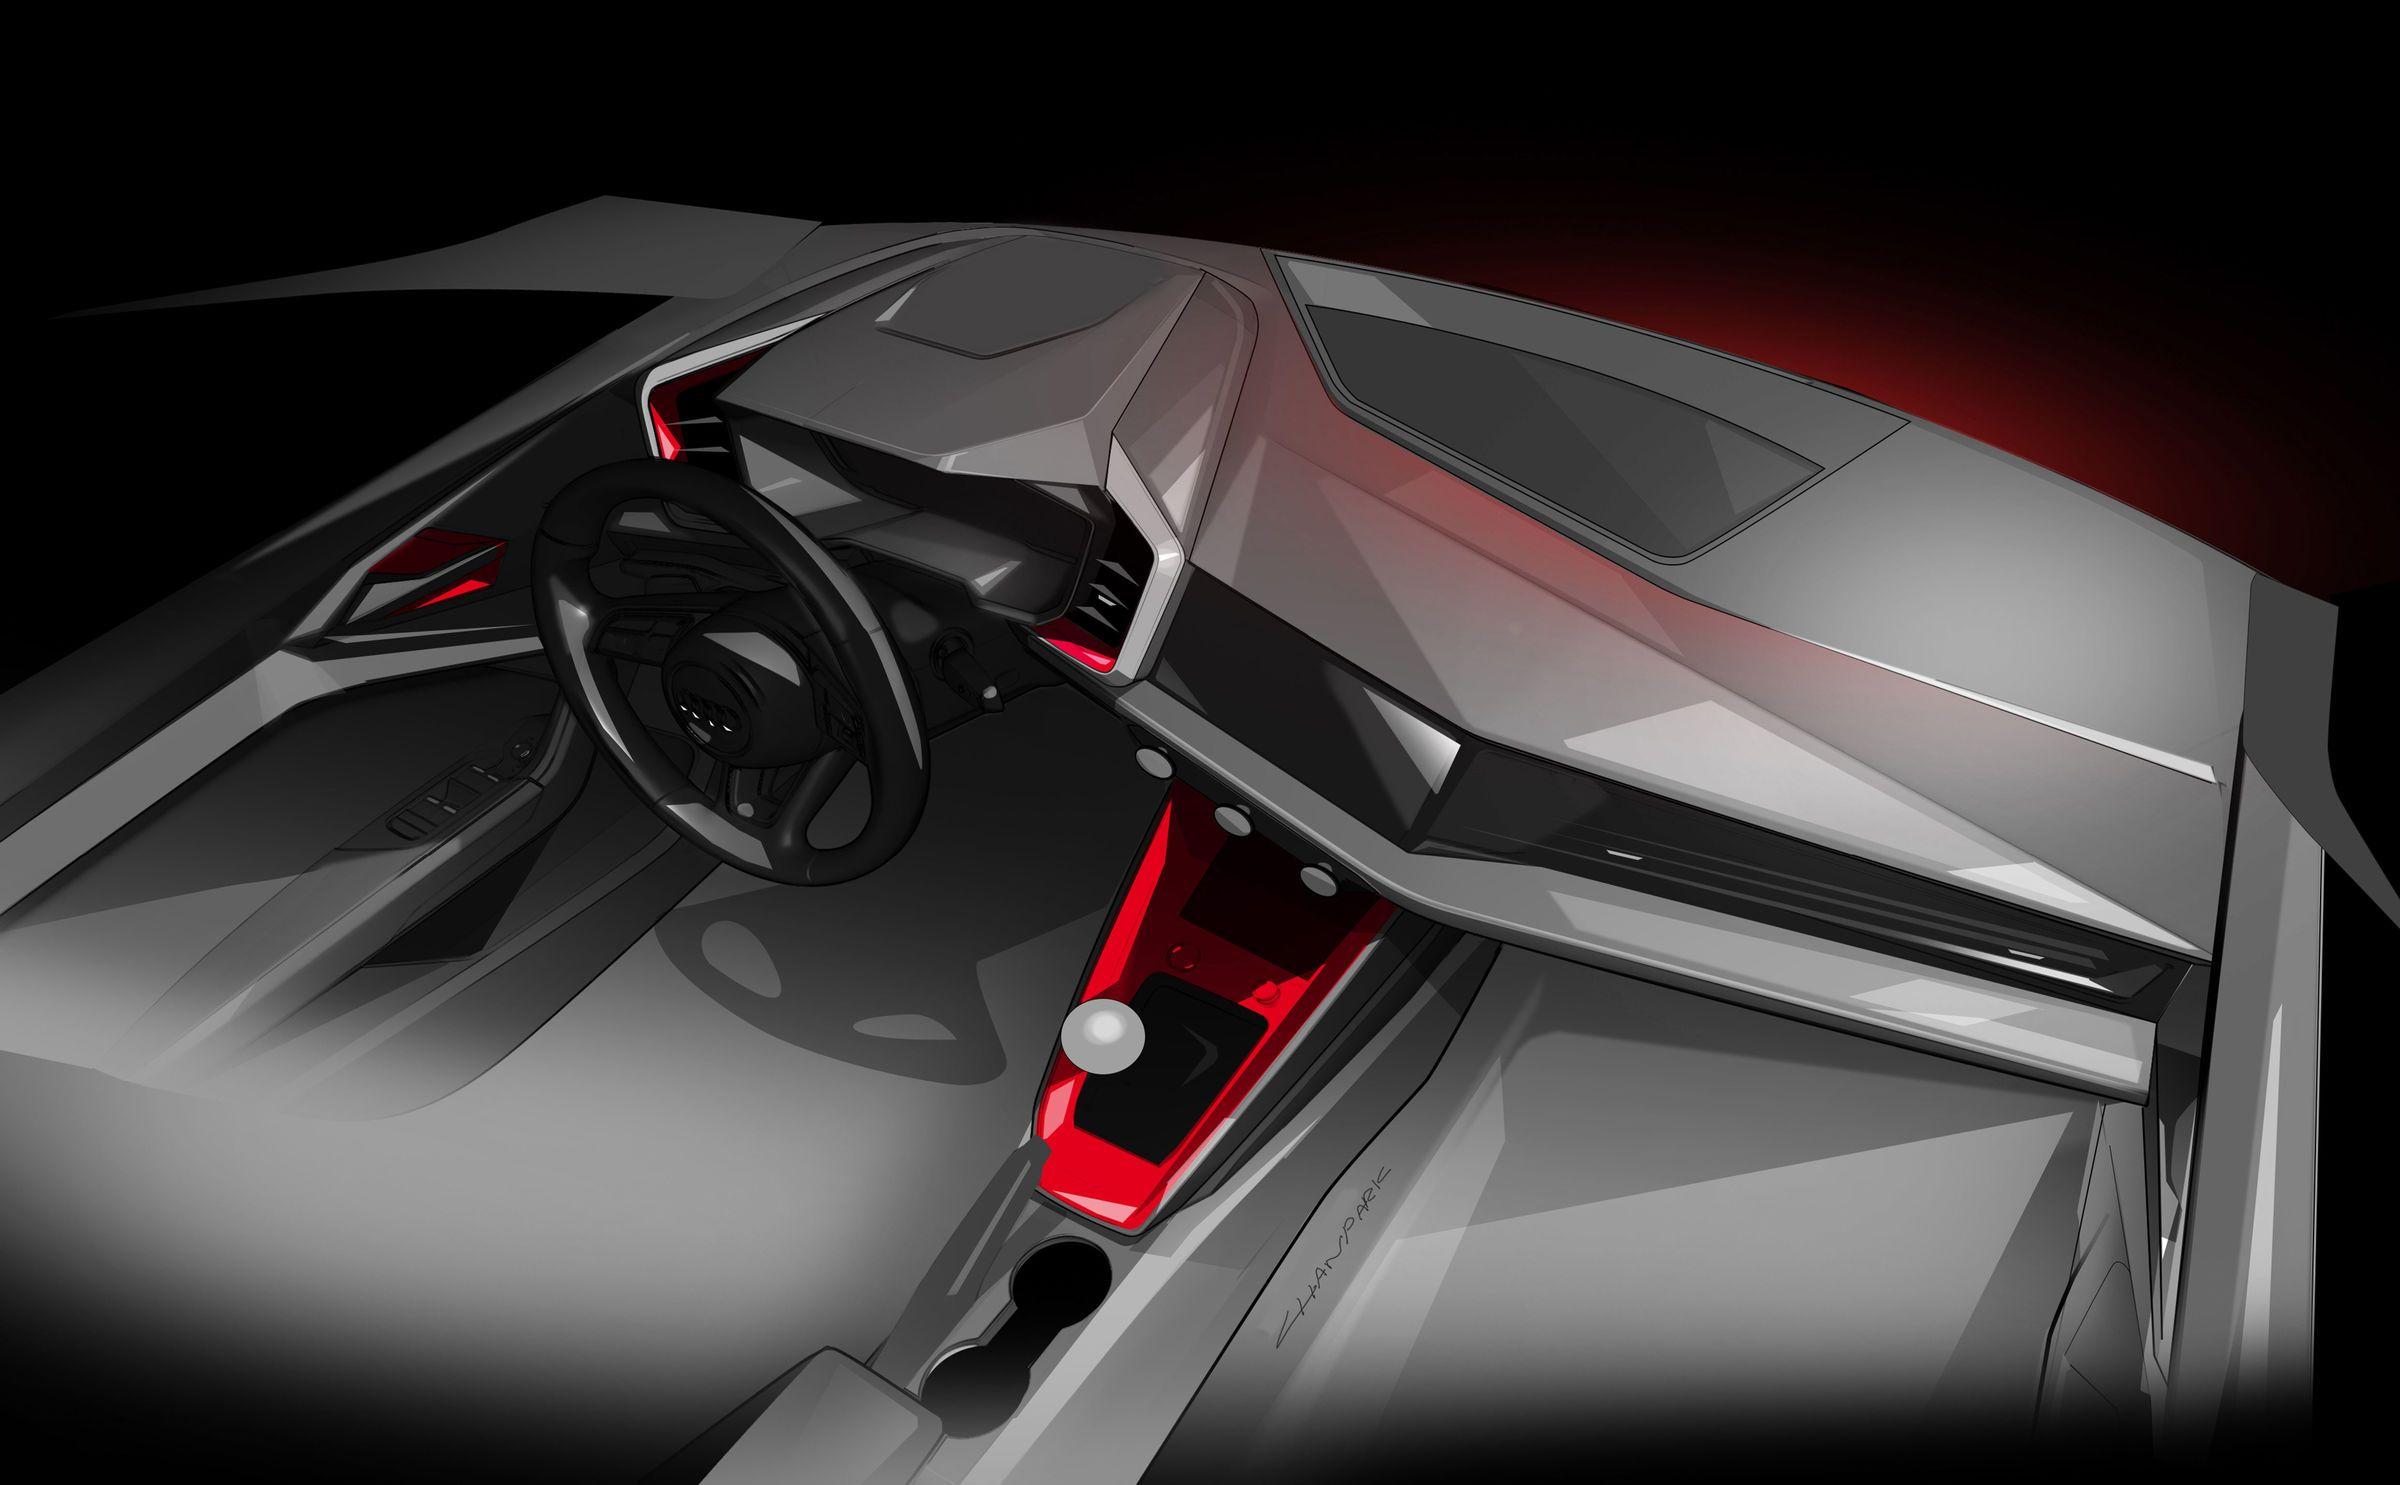 Το νέο Audi A1 με το ανατρεπτικό design θα λανσαριστεί το πρώτο τρίμηνο του 2019